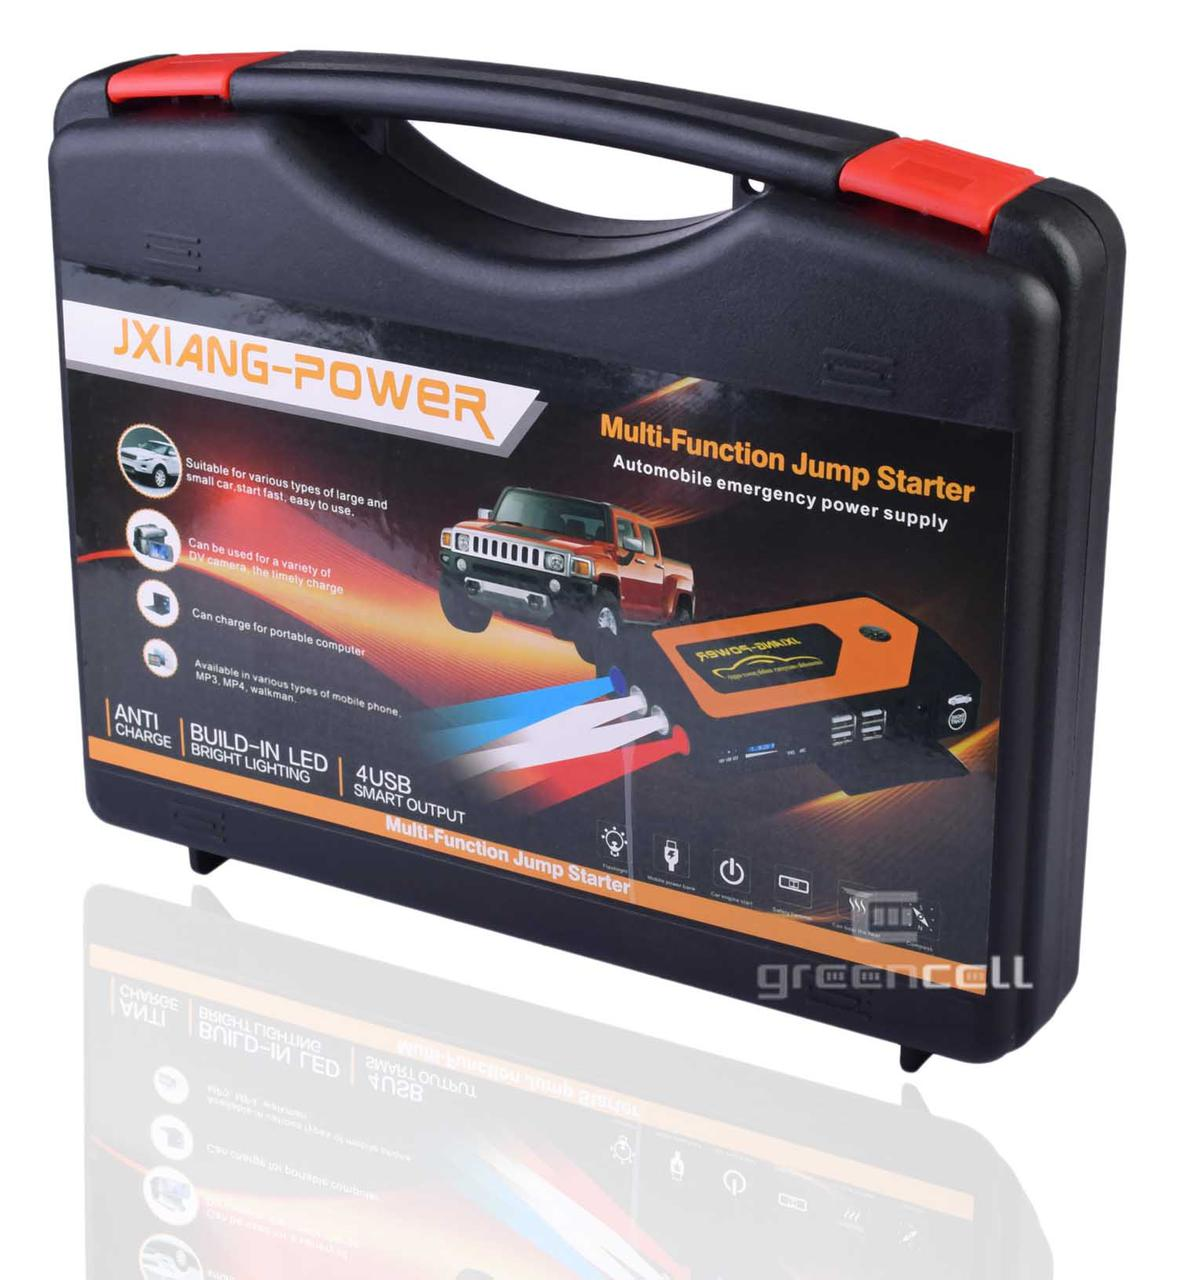 Автомобильный пусковой инвертор набор в кейсе Power bank JXIANG POWER JX28 69800 mAh 12, 16, 19 V